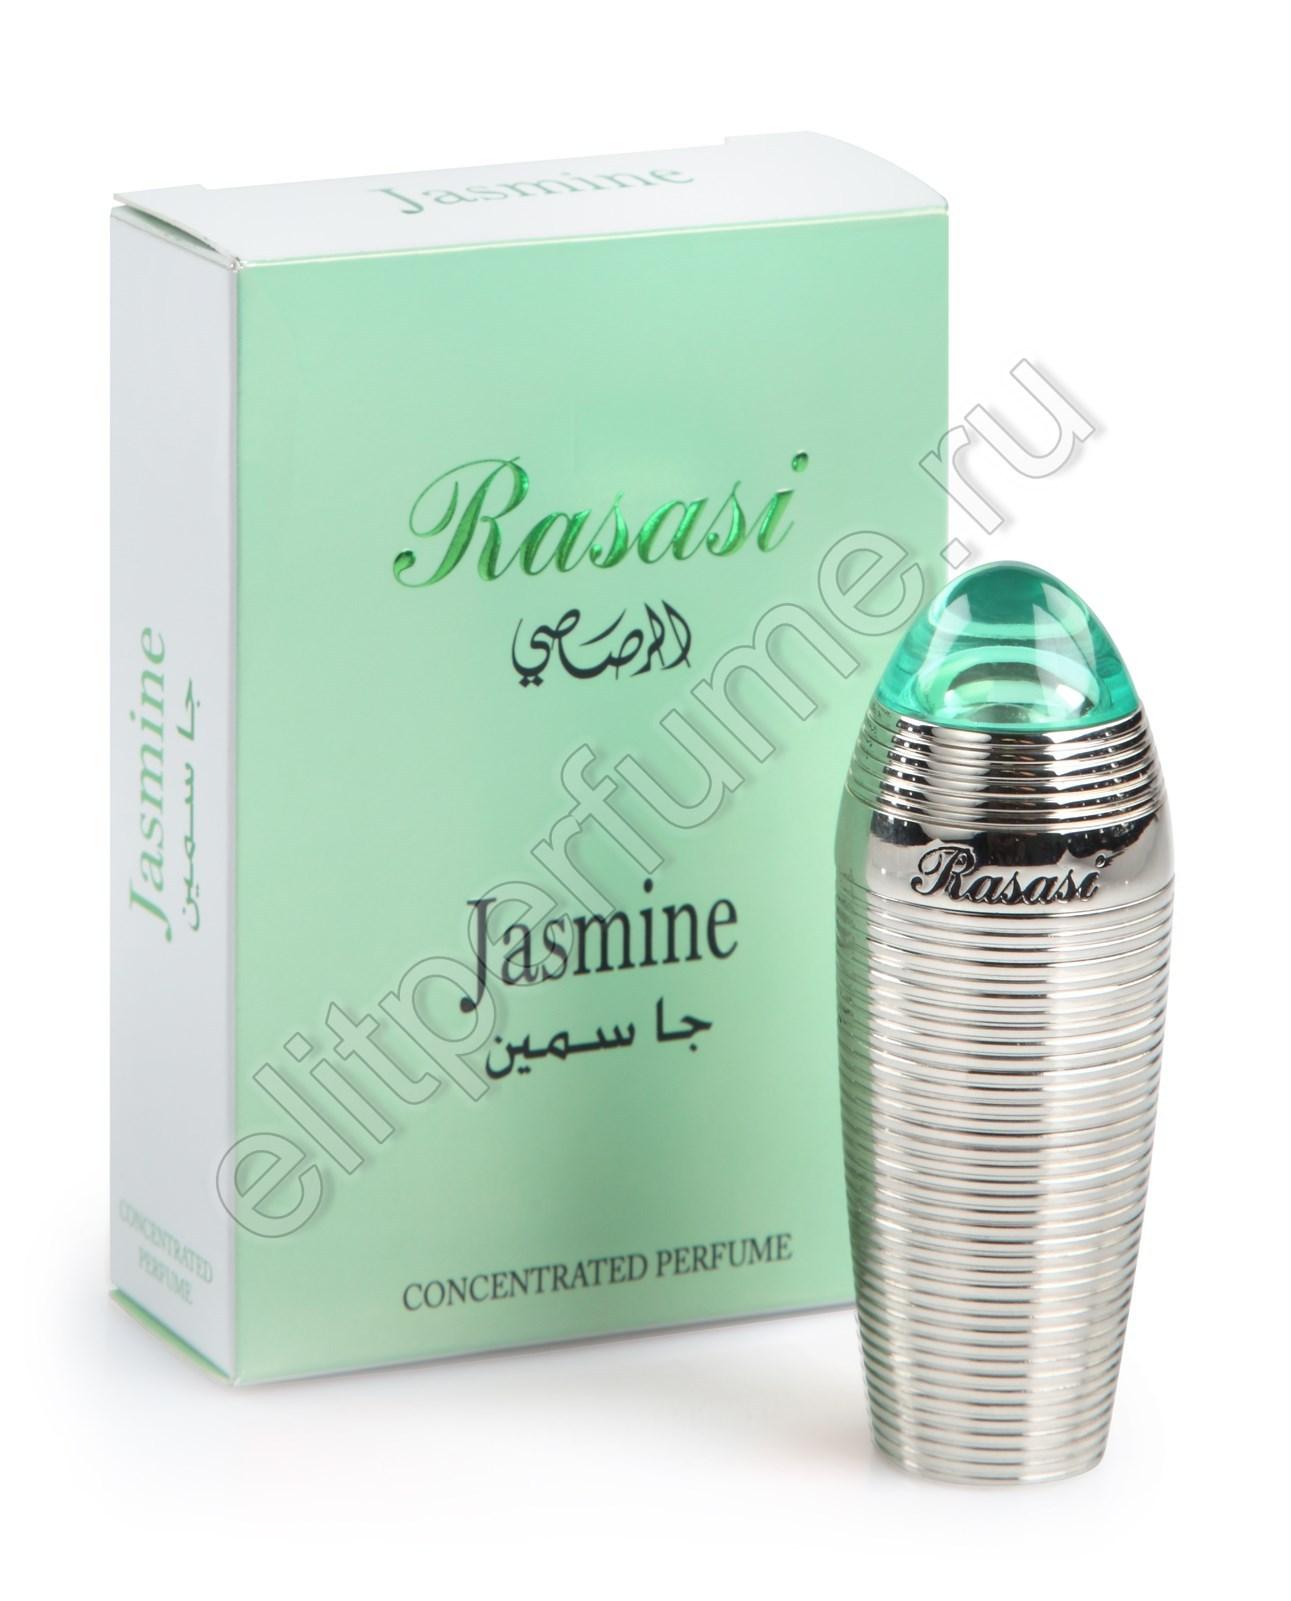 Пробники для духов Жасмин Jasmine 1 мл арабские масляные духи от Расаси Rasasi Perfumes